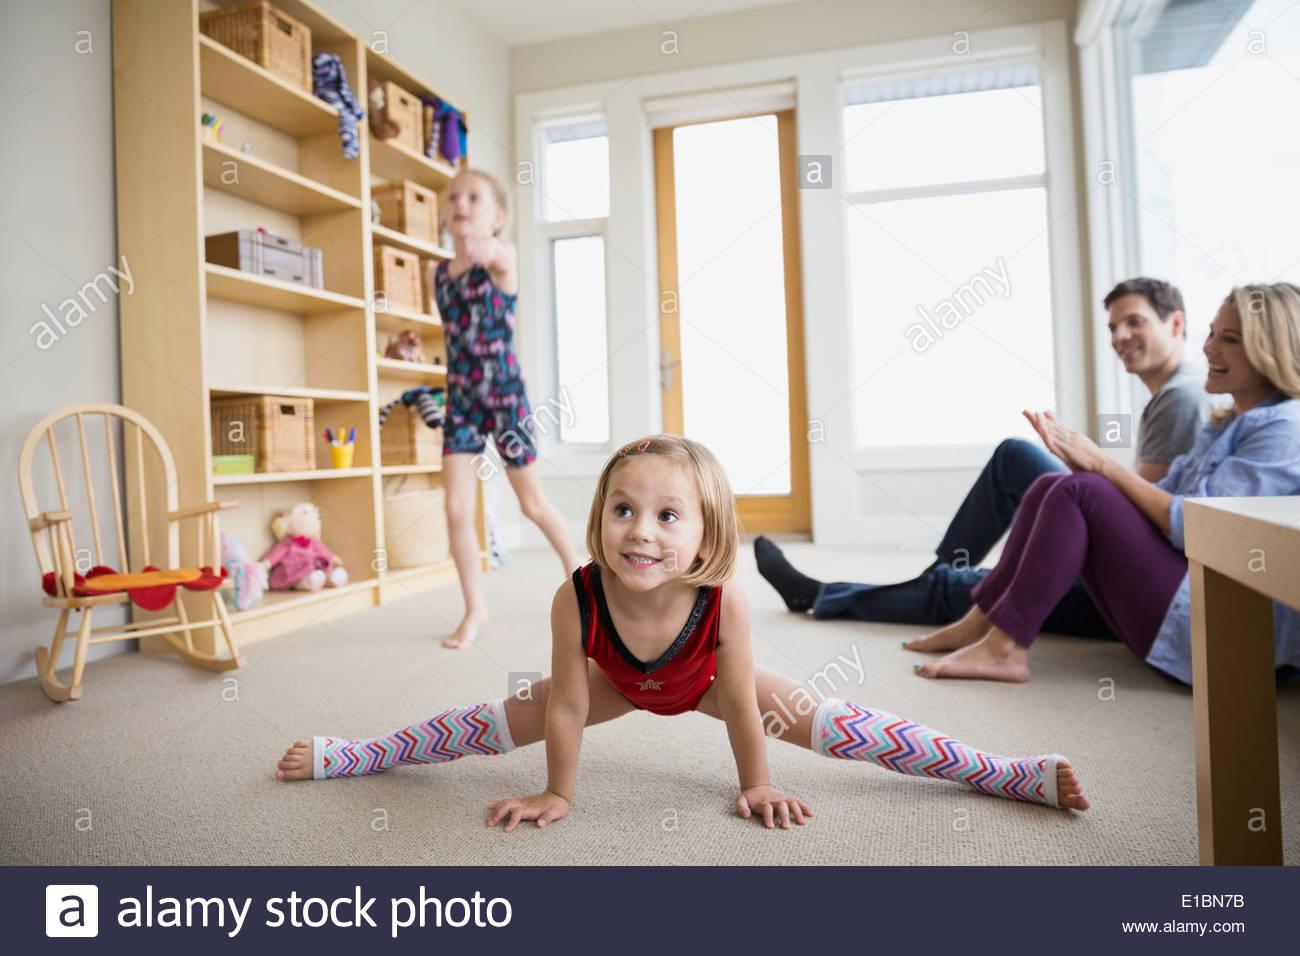 Los padres viendo las hijas en el salón de baile Imagen De Stock